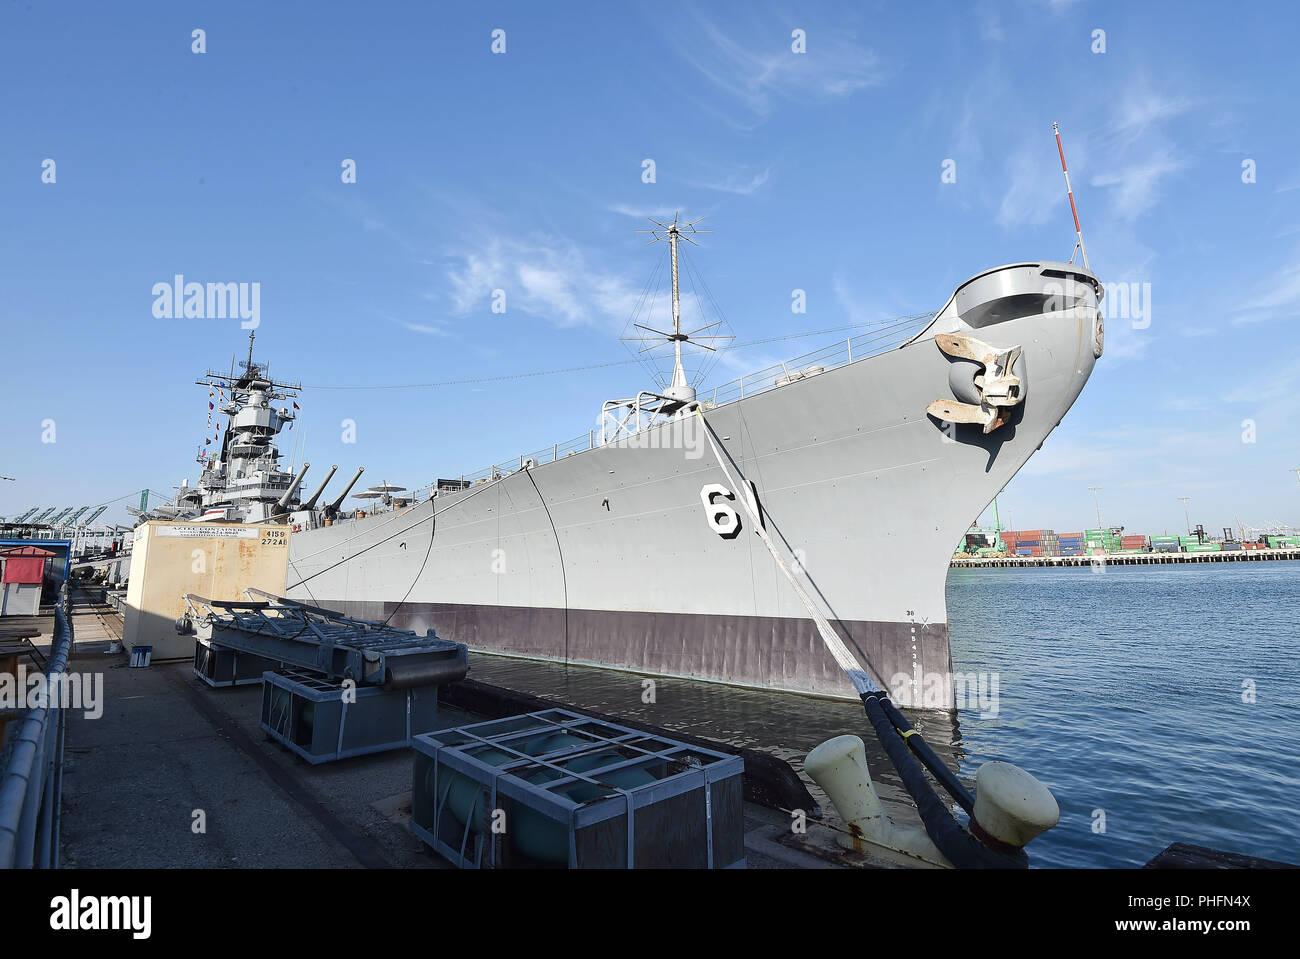 USS acorazado USS IOWA BB-61acogió el estreno de 'Tom Clancy's Jack Ryan' en la noche de la inauguración de la Semana de la flota de Los Ángeles 2018 el 31 de agosto de 2018, en San Pedro, California. Foto:Jeffrey Mayer Imagen De Stock